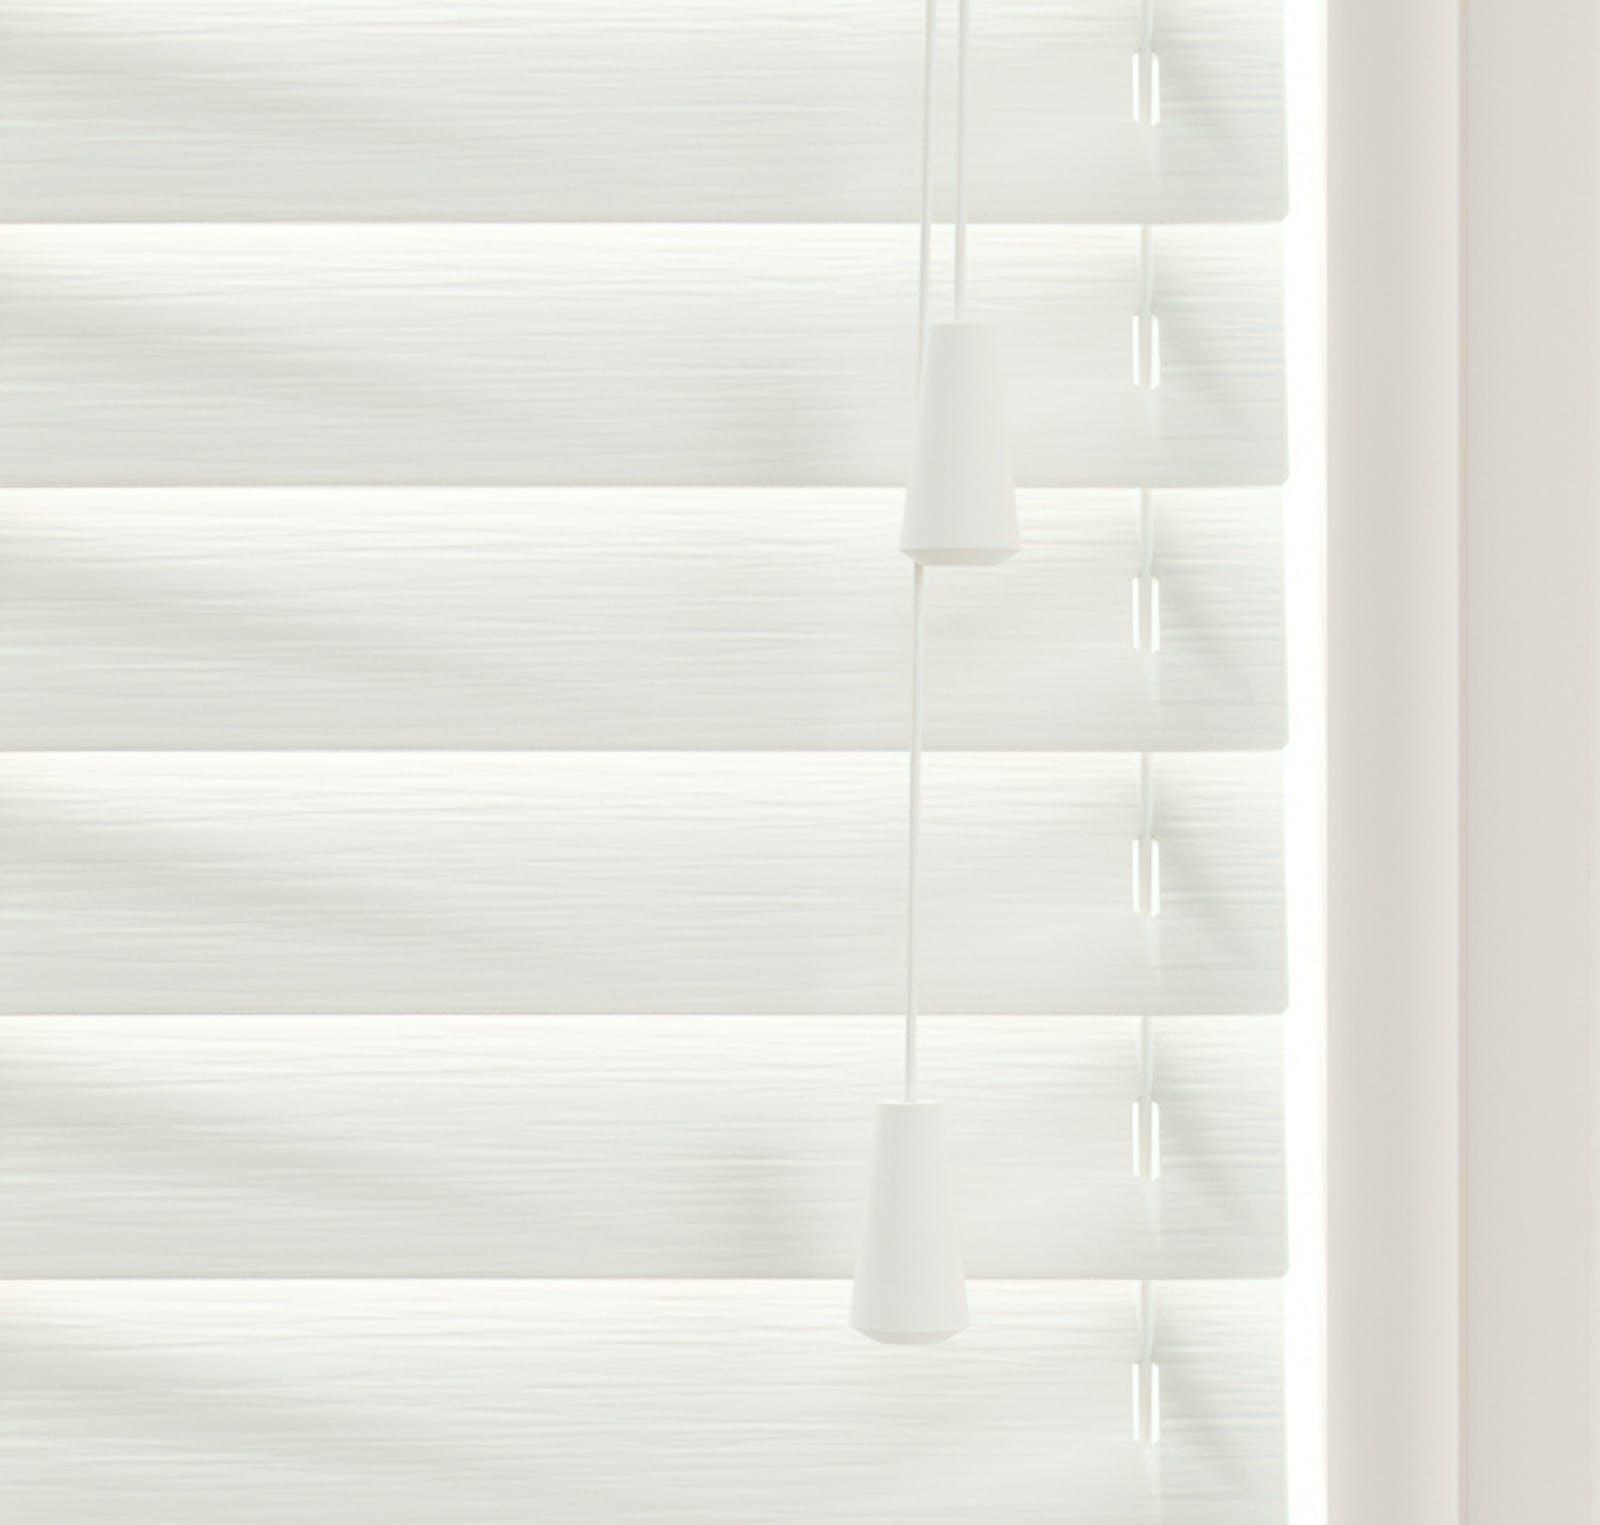 Lick Venetian fine grain blinds in White 01